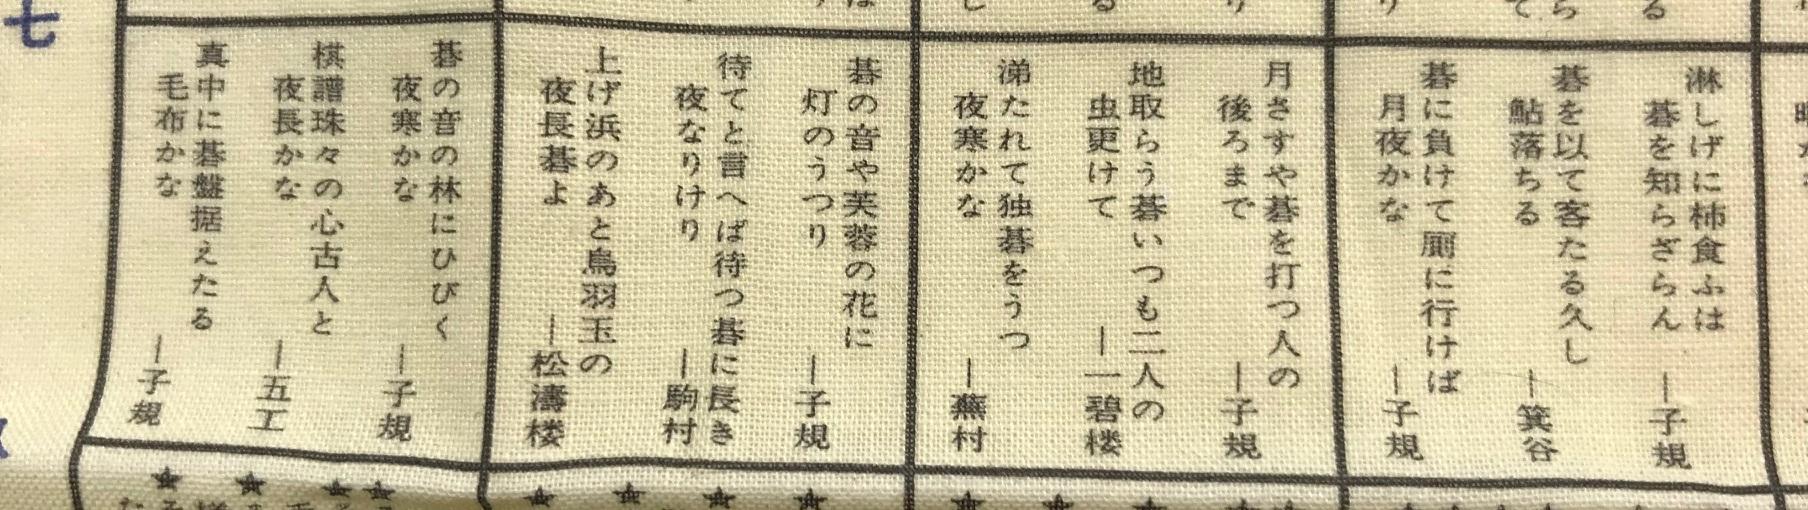 『囲碁百科ハンカチ』 その26